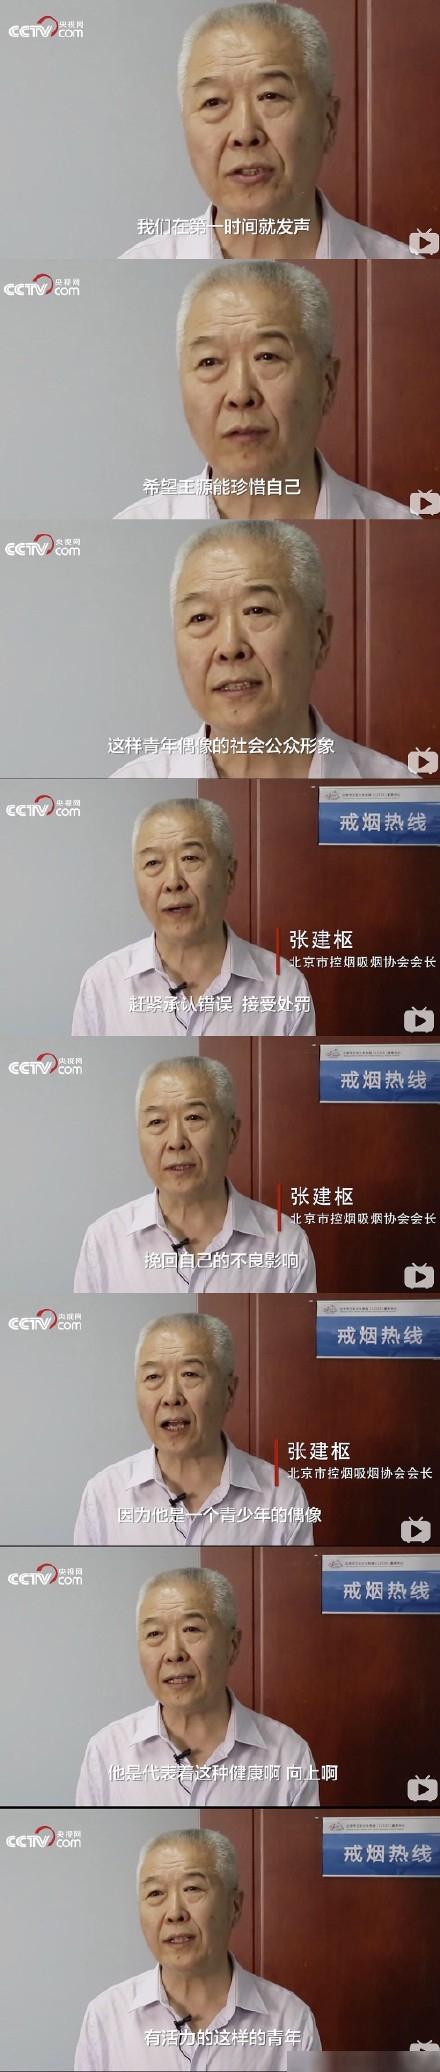 北京市戒烟协会会长谈王源吸烟 造成的影响非常恶劣